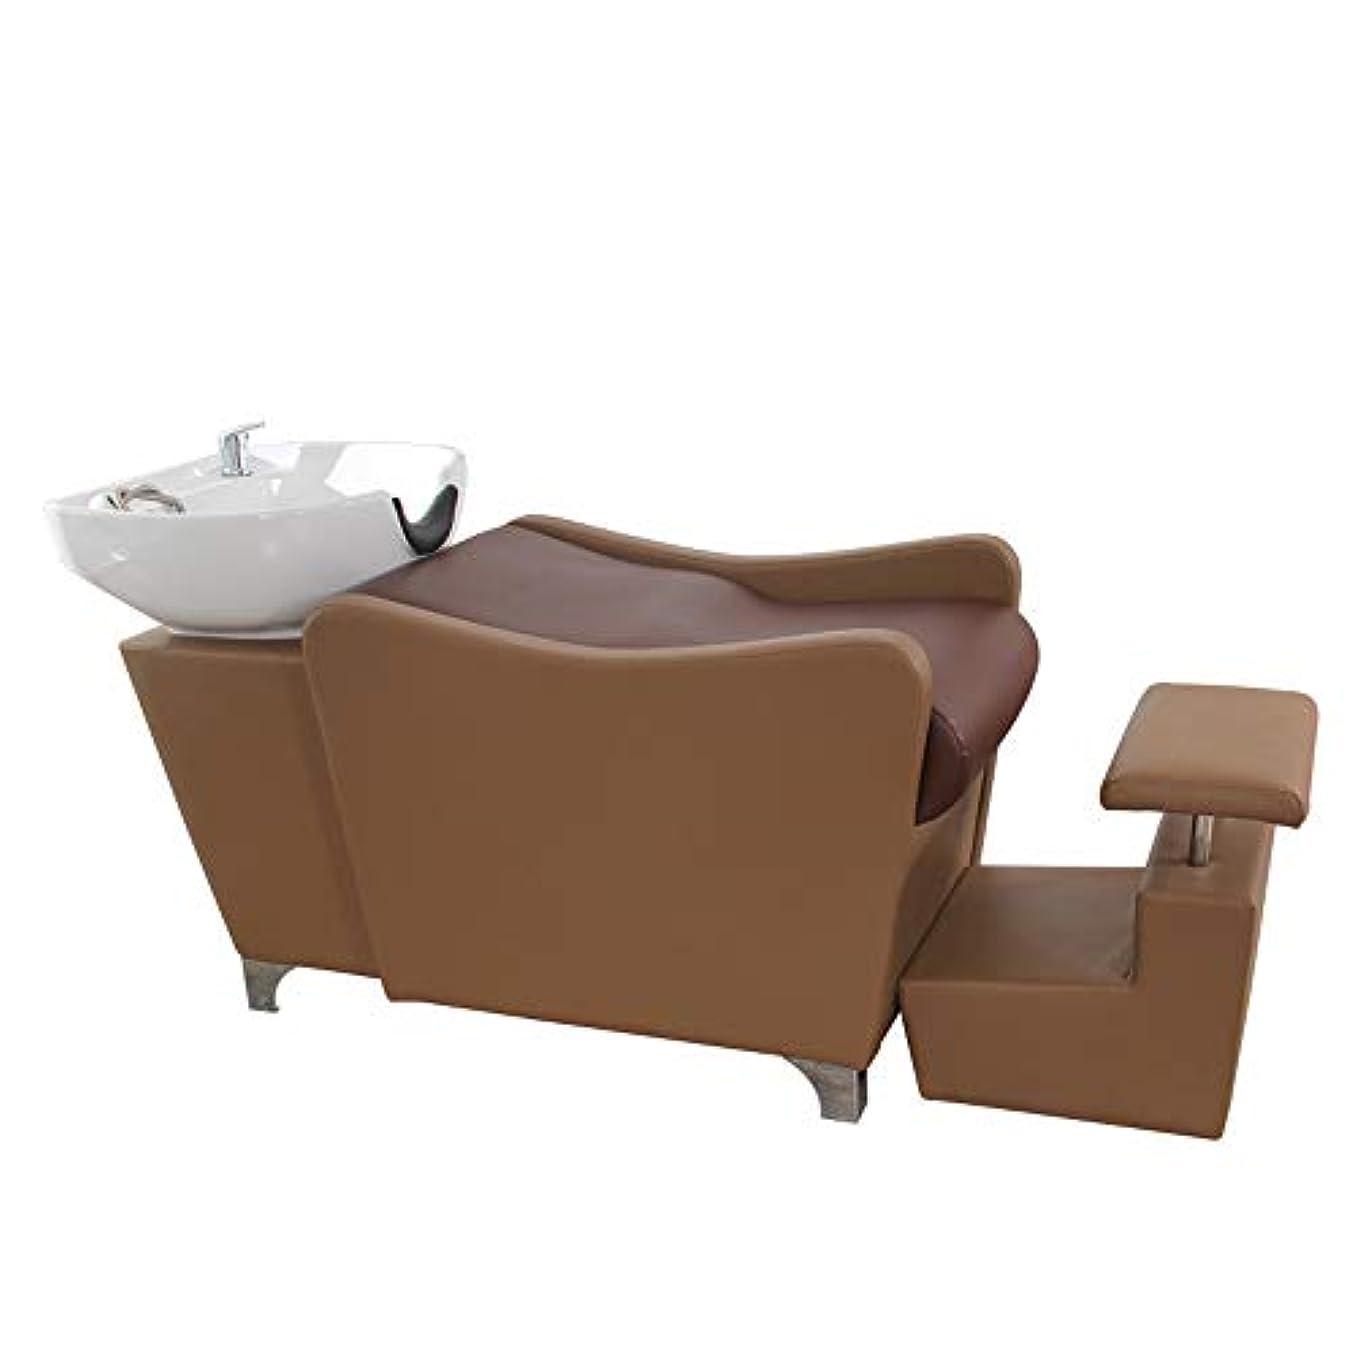 ドラマ責め好奇心シャンプーチェア、理髪店の逆洗ユニットシャンプーボウル理髪シンクの椅子用スパ美容院機器(ブラウン)